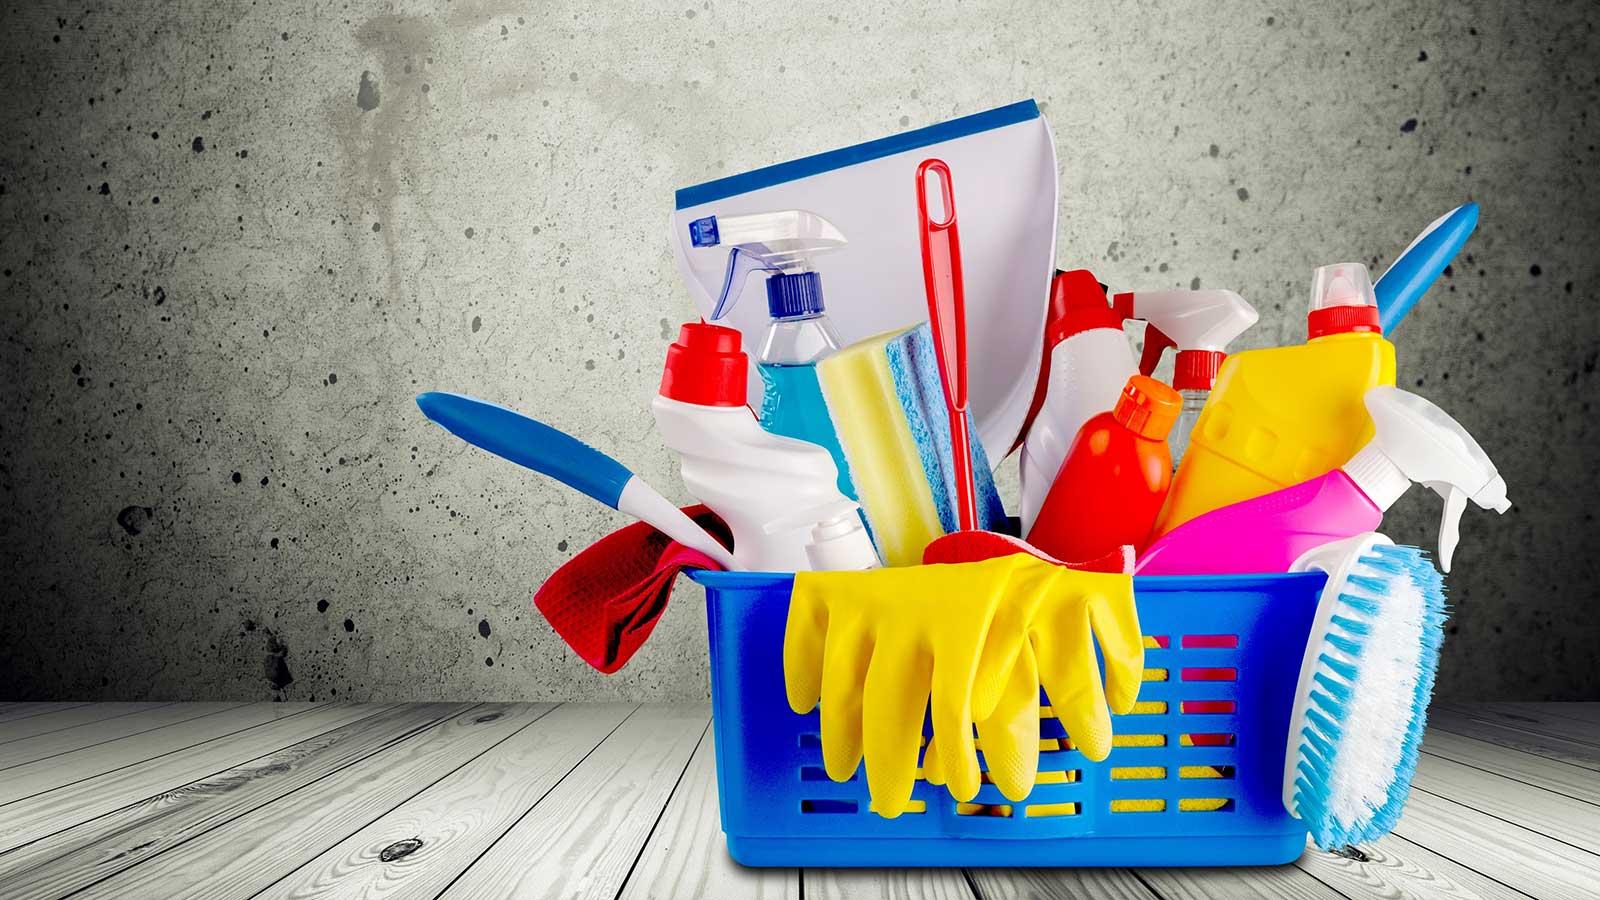 Comment choisir une société de nettoyage industriel?